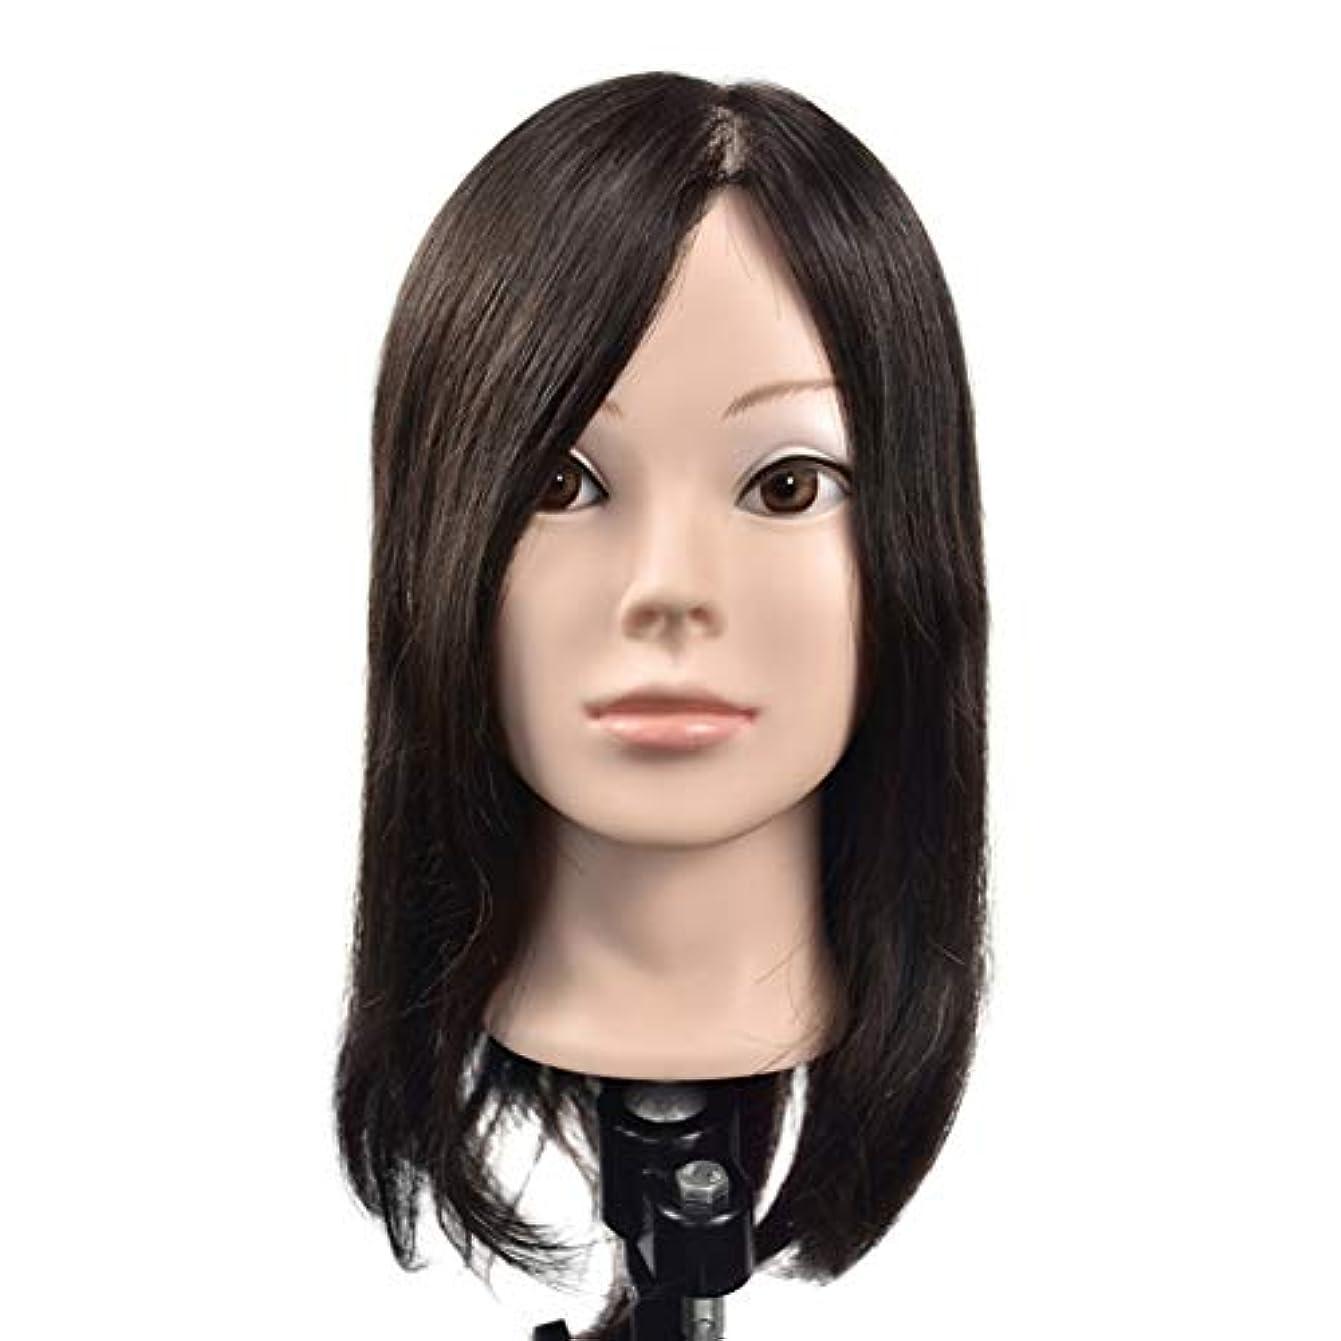 君主インディカ悲劇的なリアルヘアースタイリングモデルヘッド女性モデル頭ティーチングヘッド理髪店編組髪染め学習ダミーヘッド